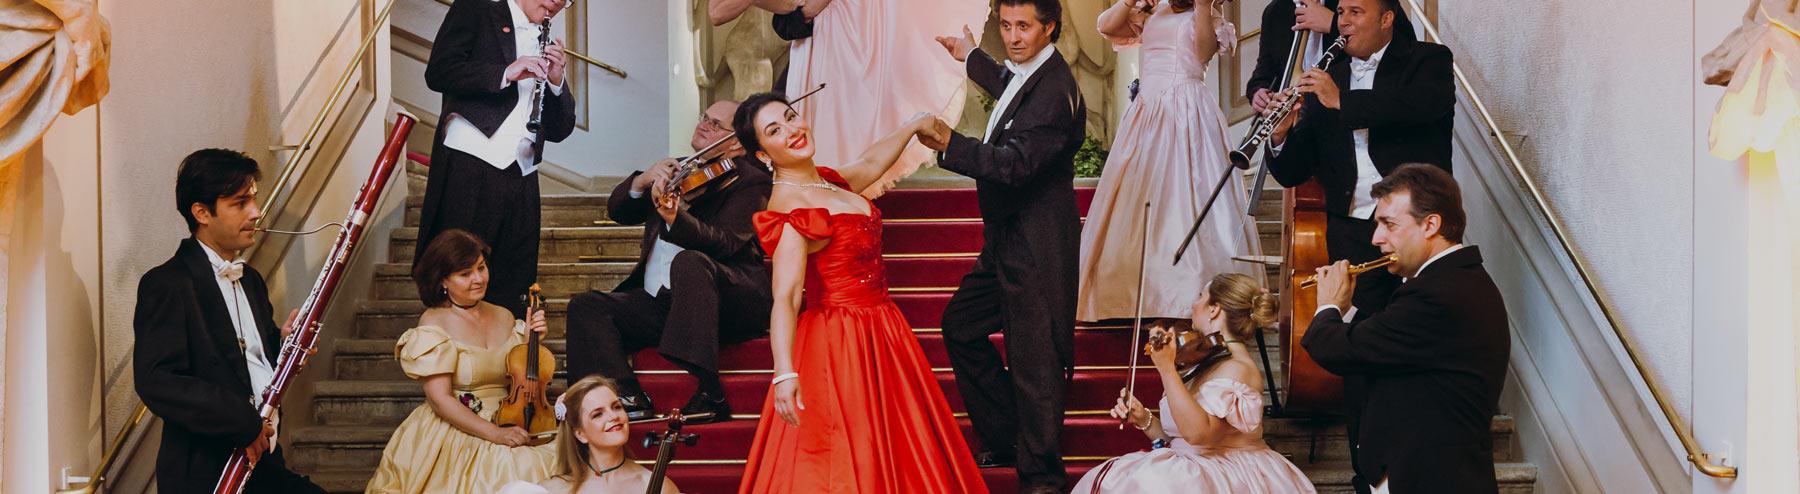 Klassische Musik Wien Konzerte WRO